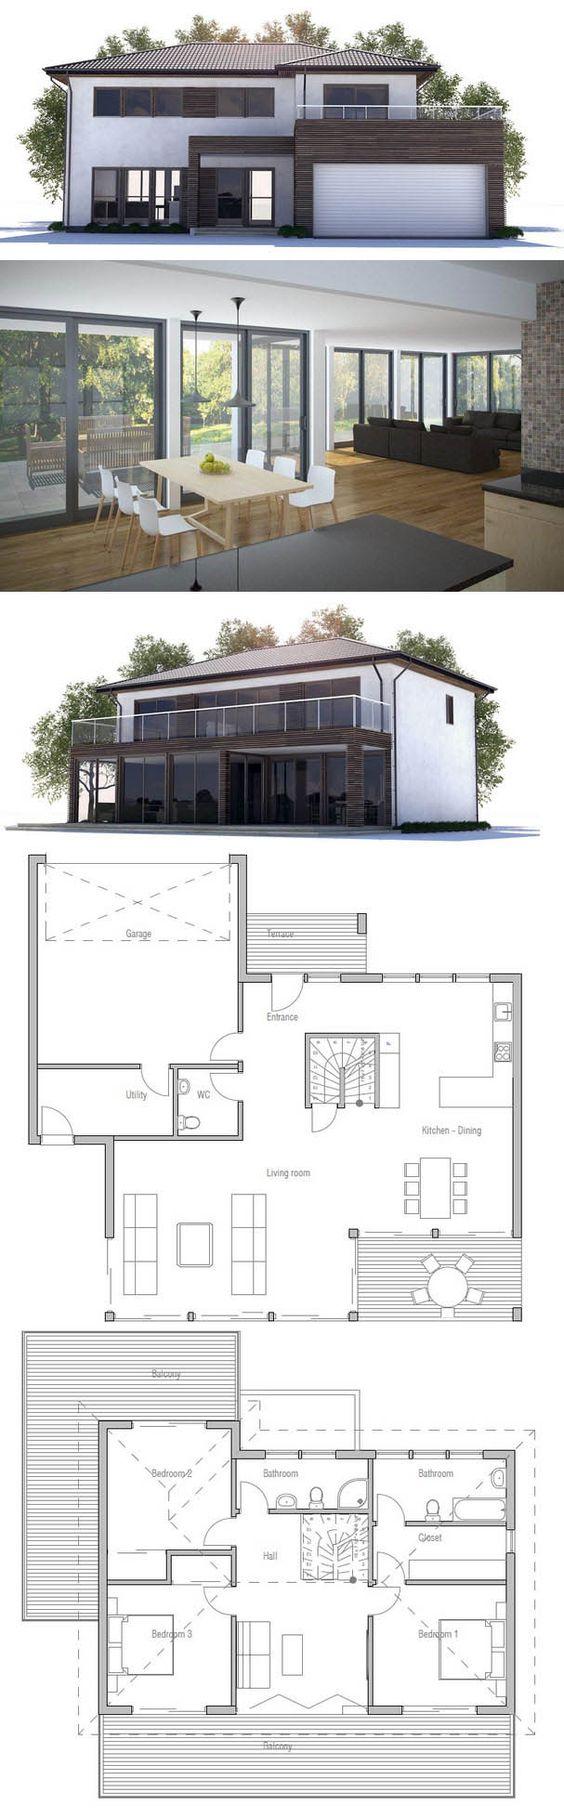 sonnleitner haus münchen grundriss Haus and Hauspläne